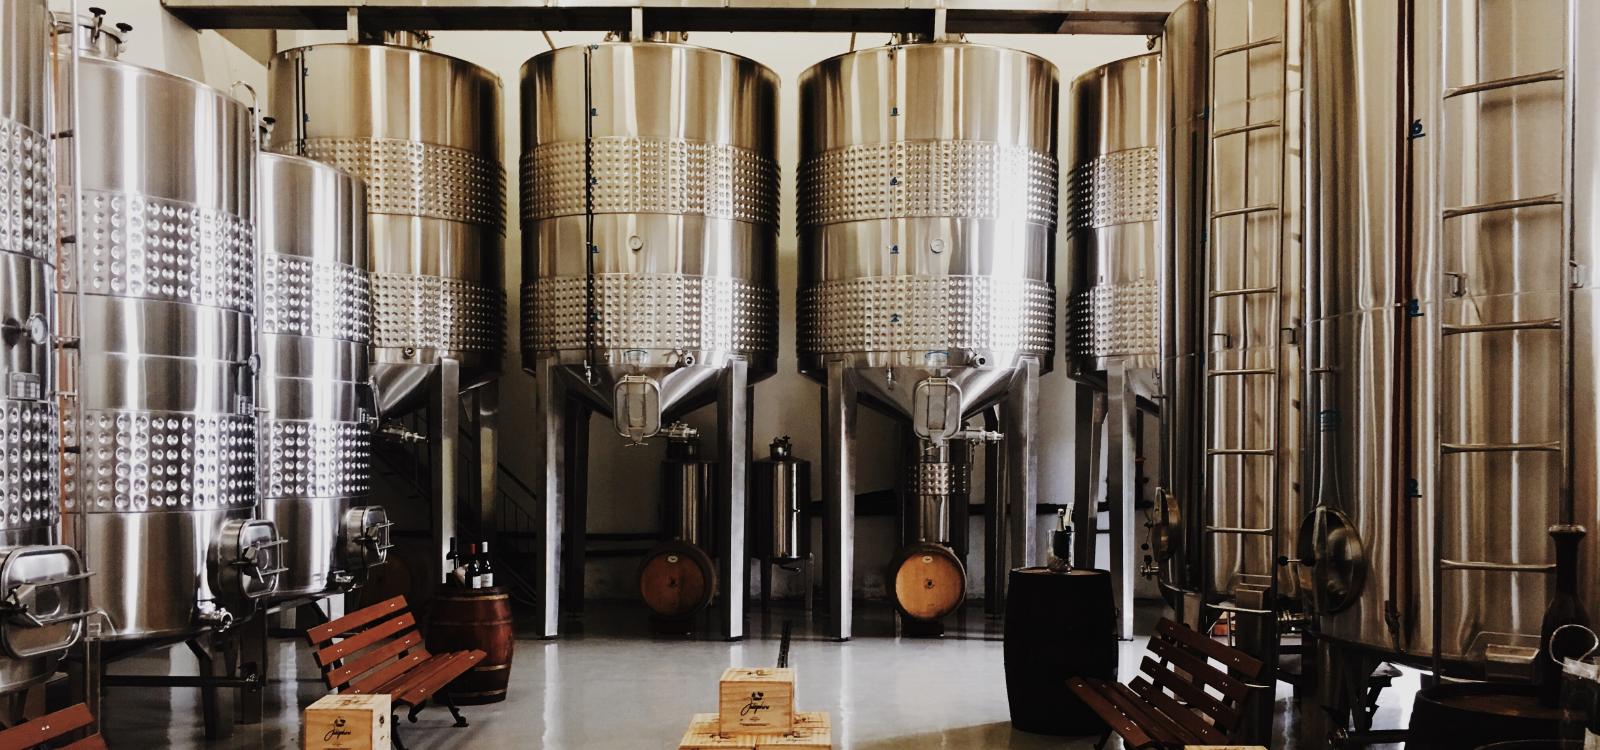 Warren Averett breweries distilleries tax image